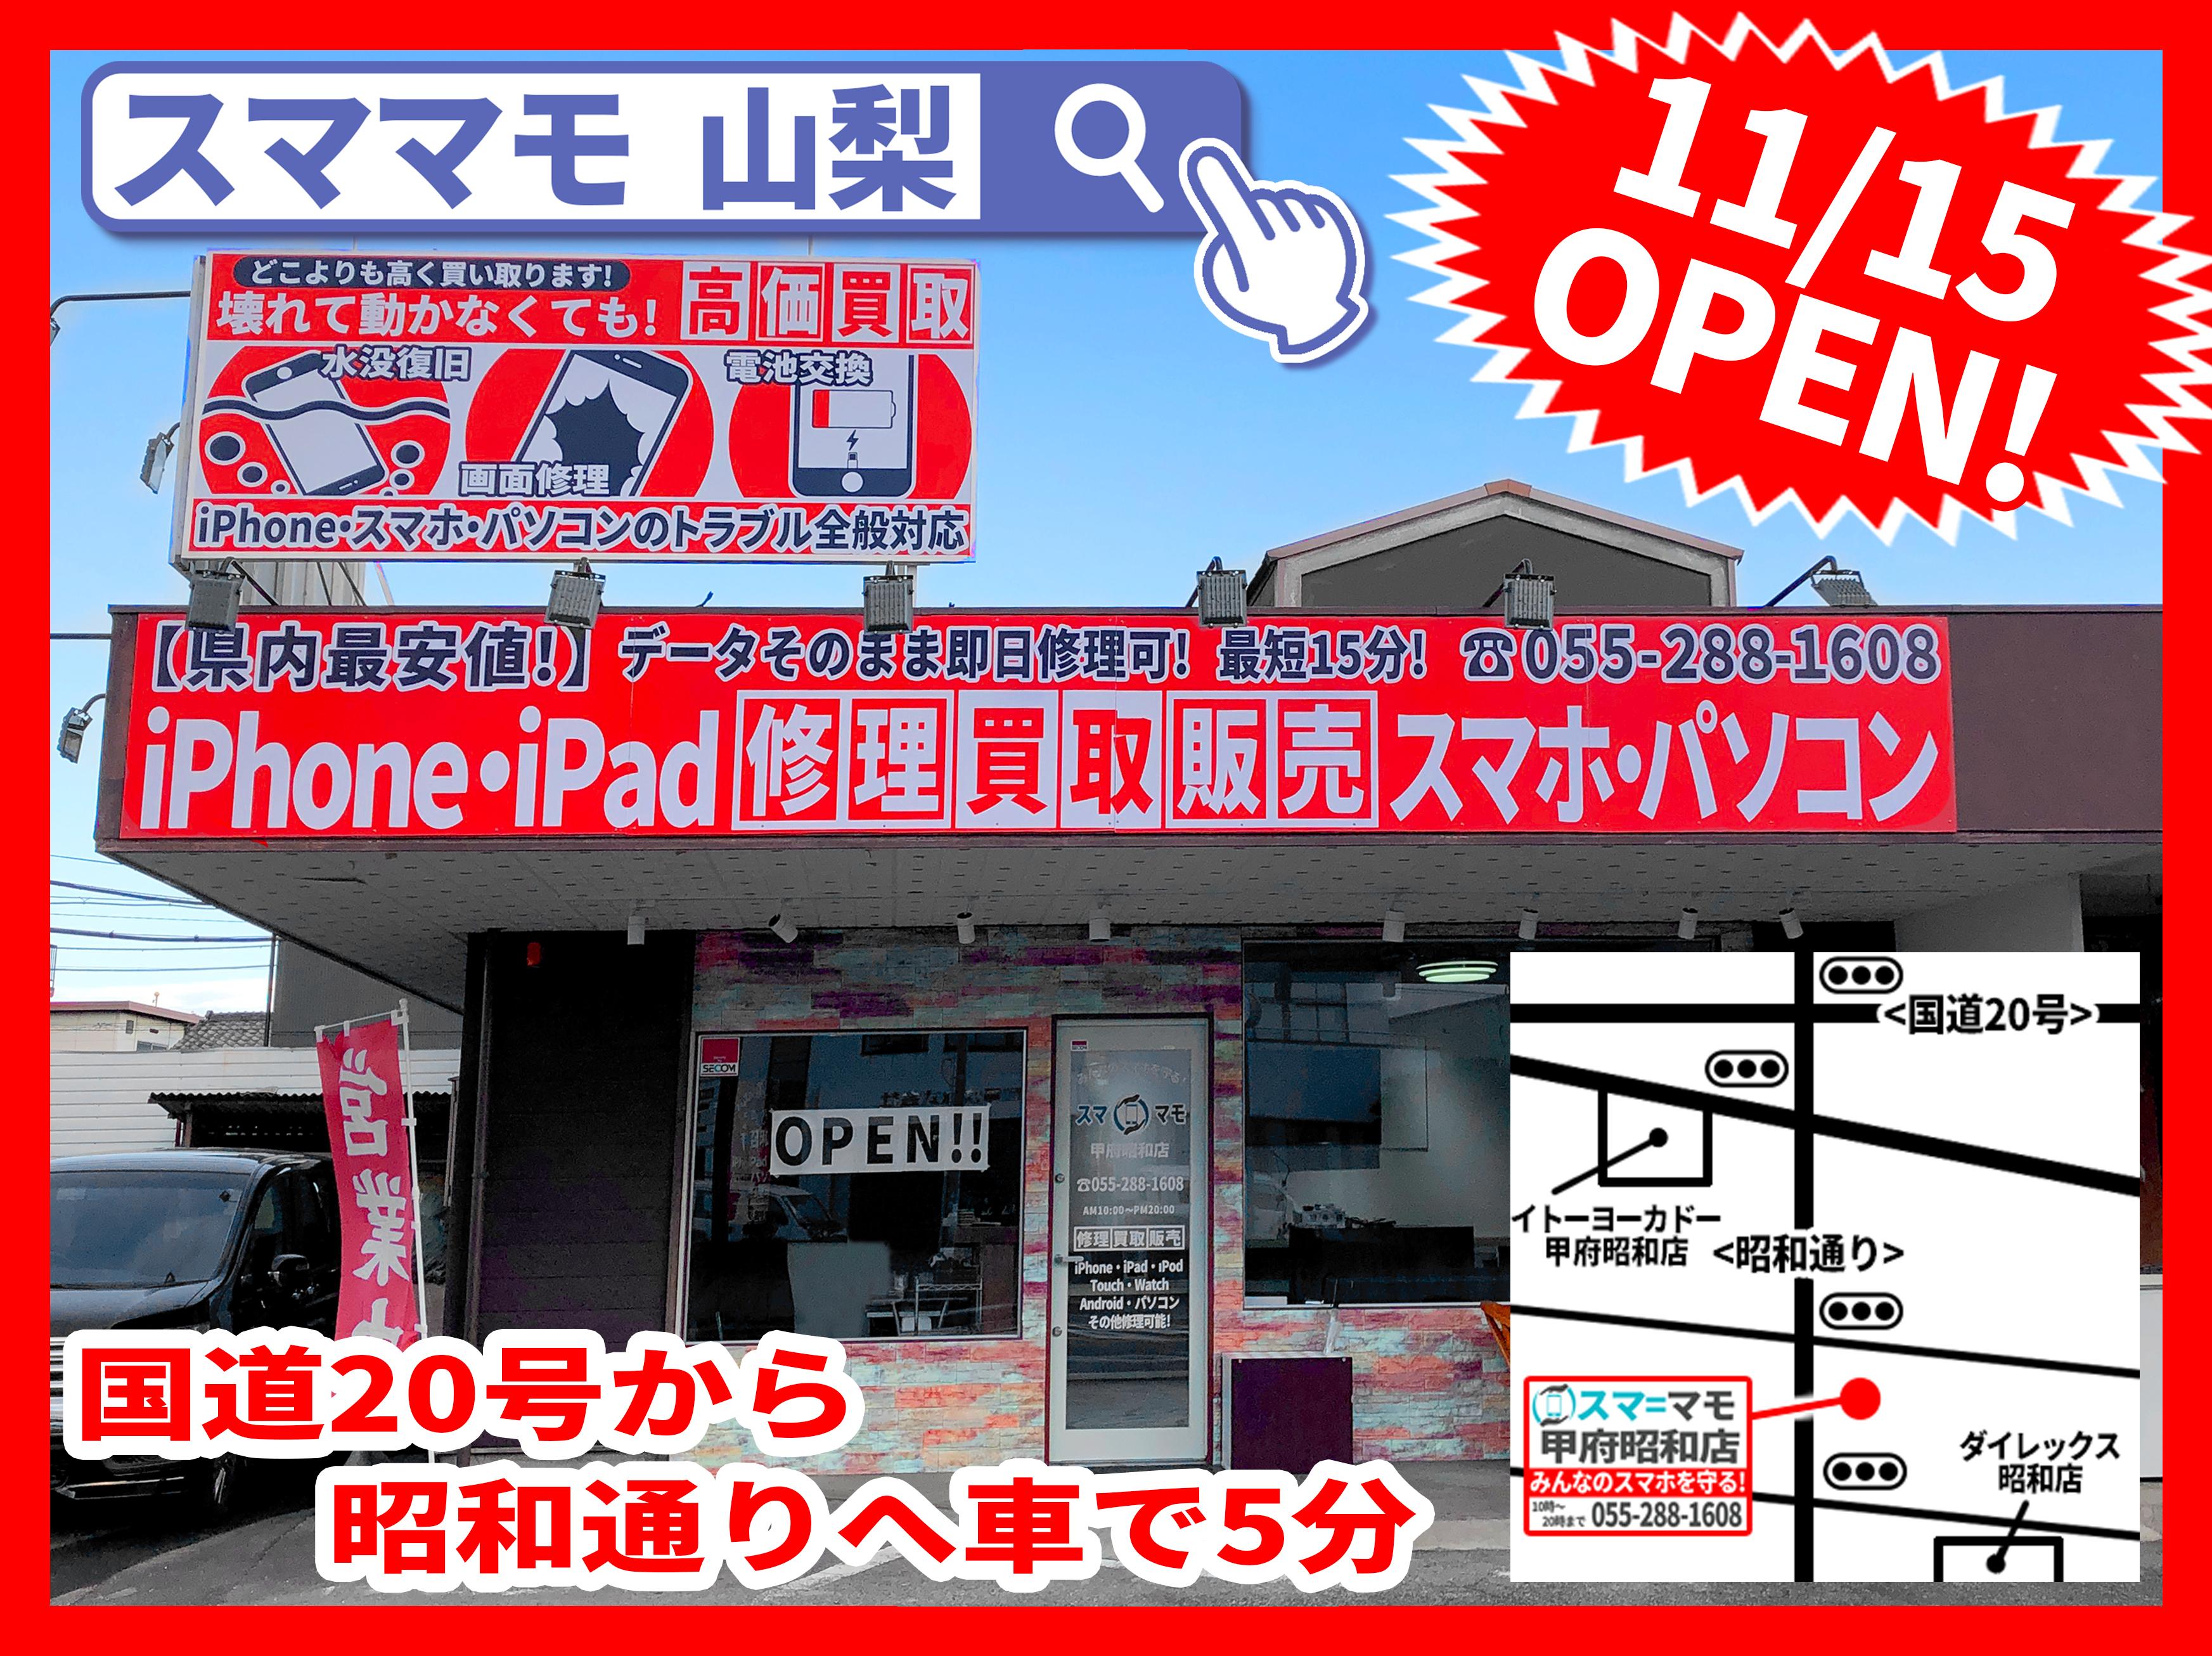 【スママモ昭和店OPEN!!!】甲府昭和にて、新店舗がOPENしました!